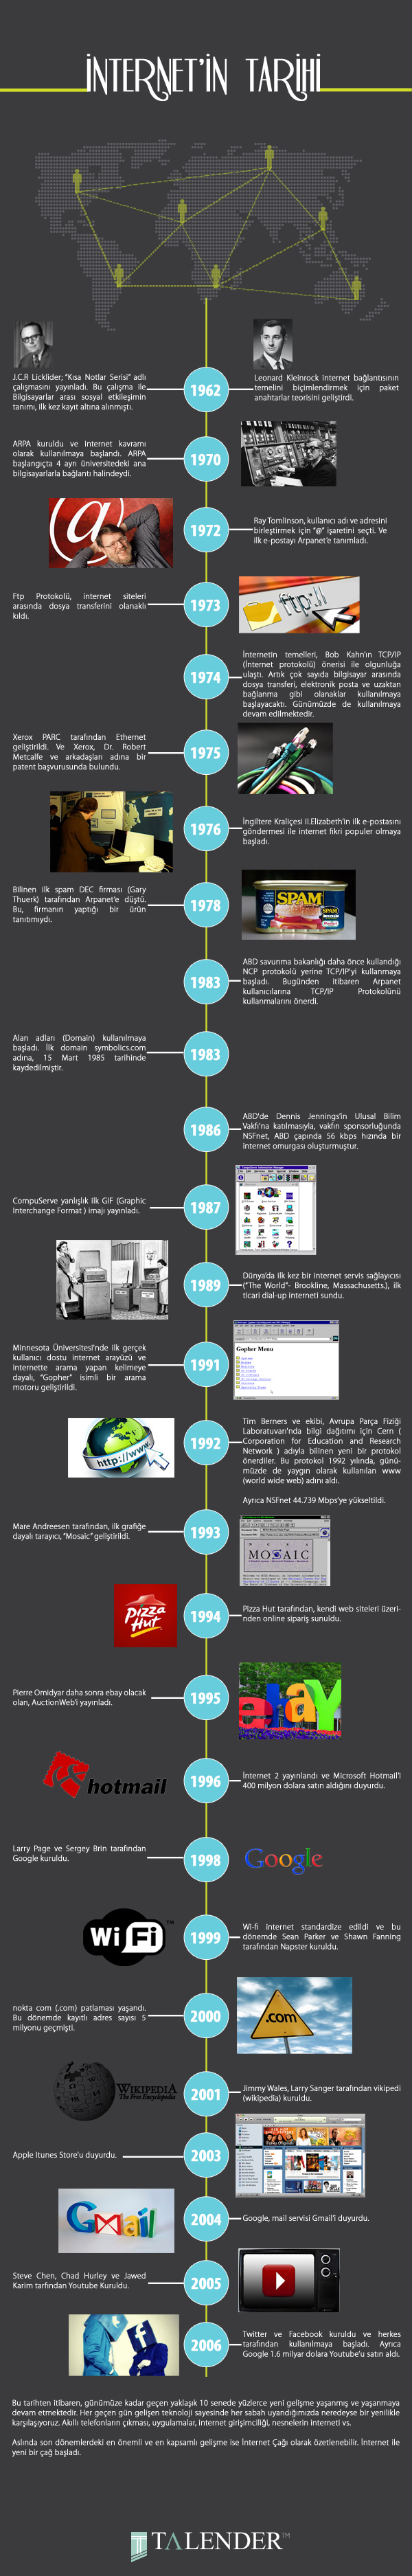 İnternet Geçmişi ve Tarihi #infografik